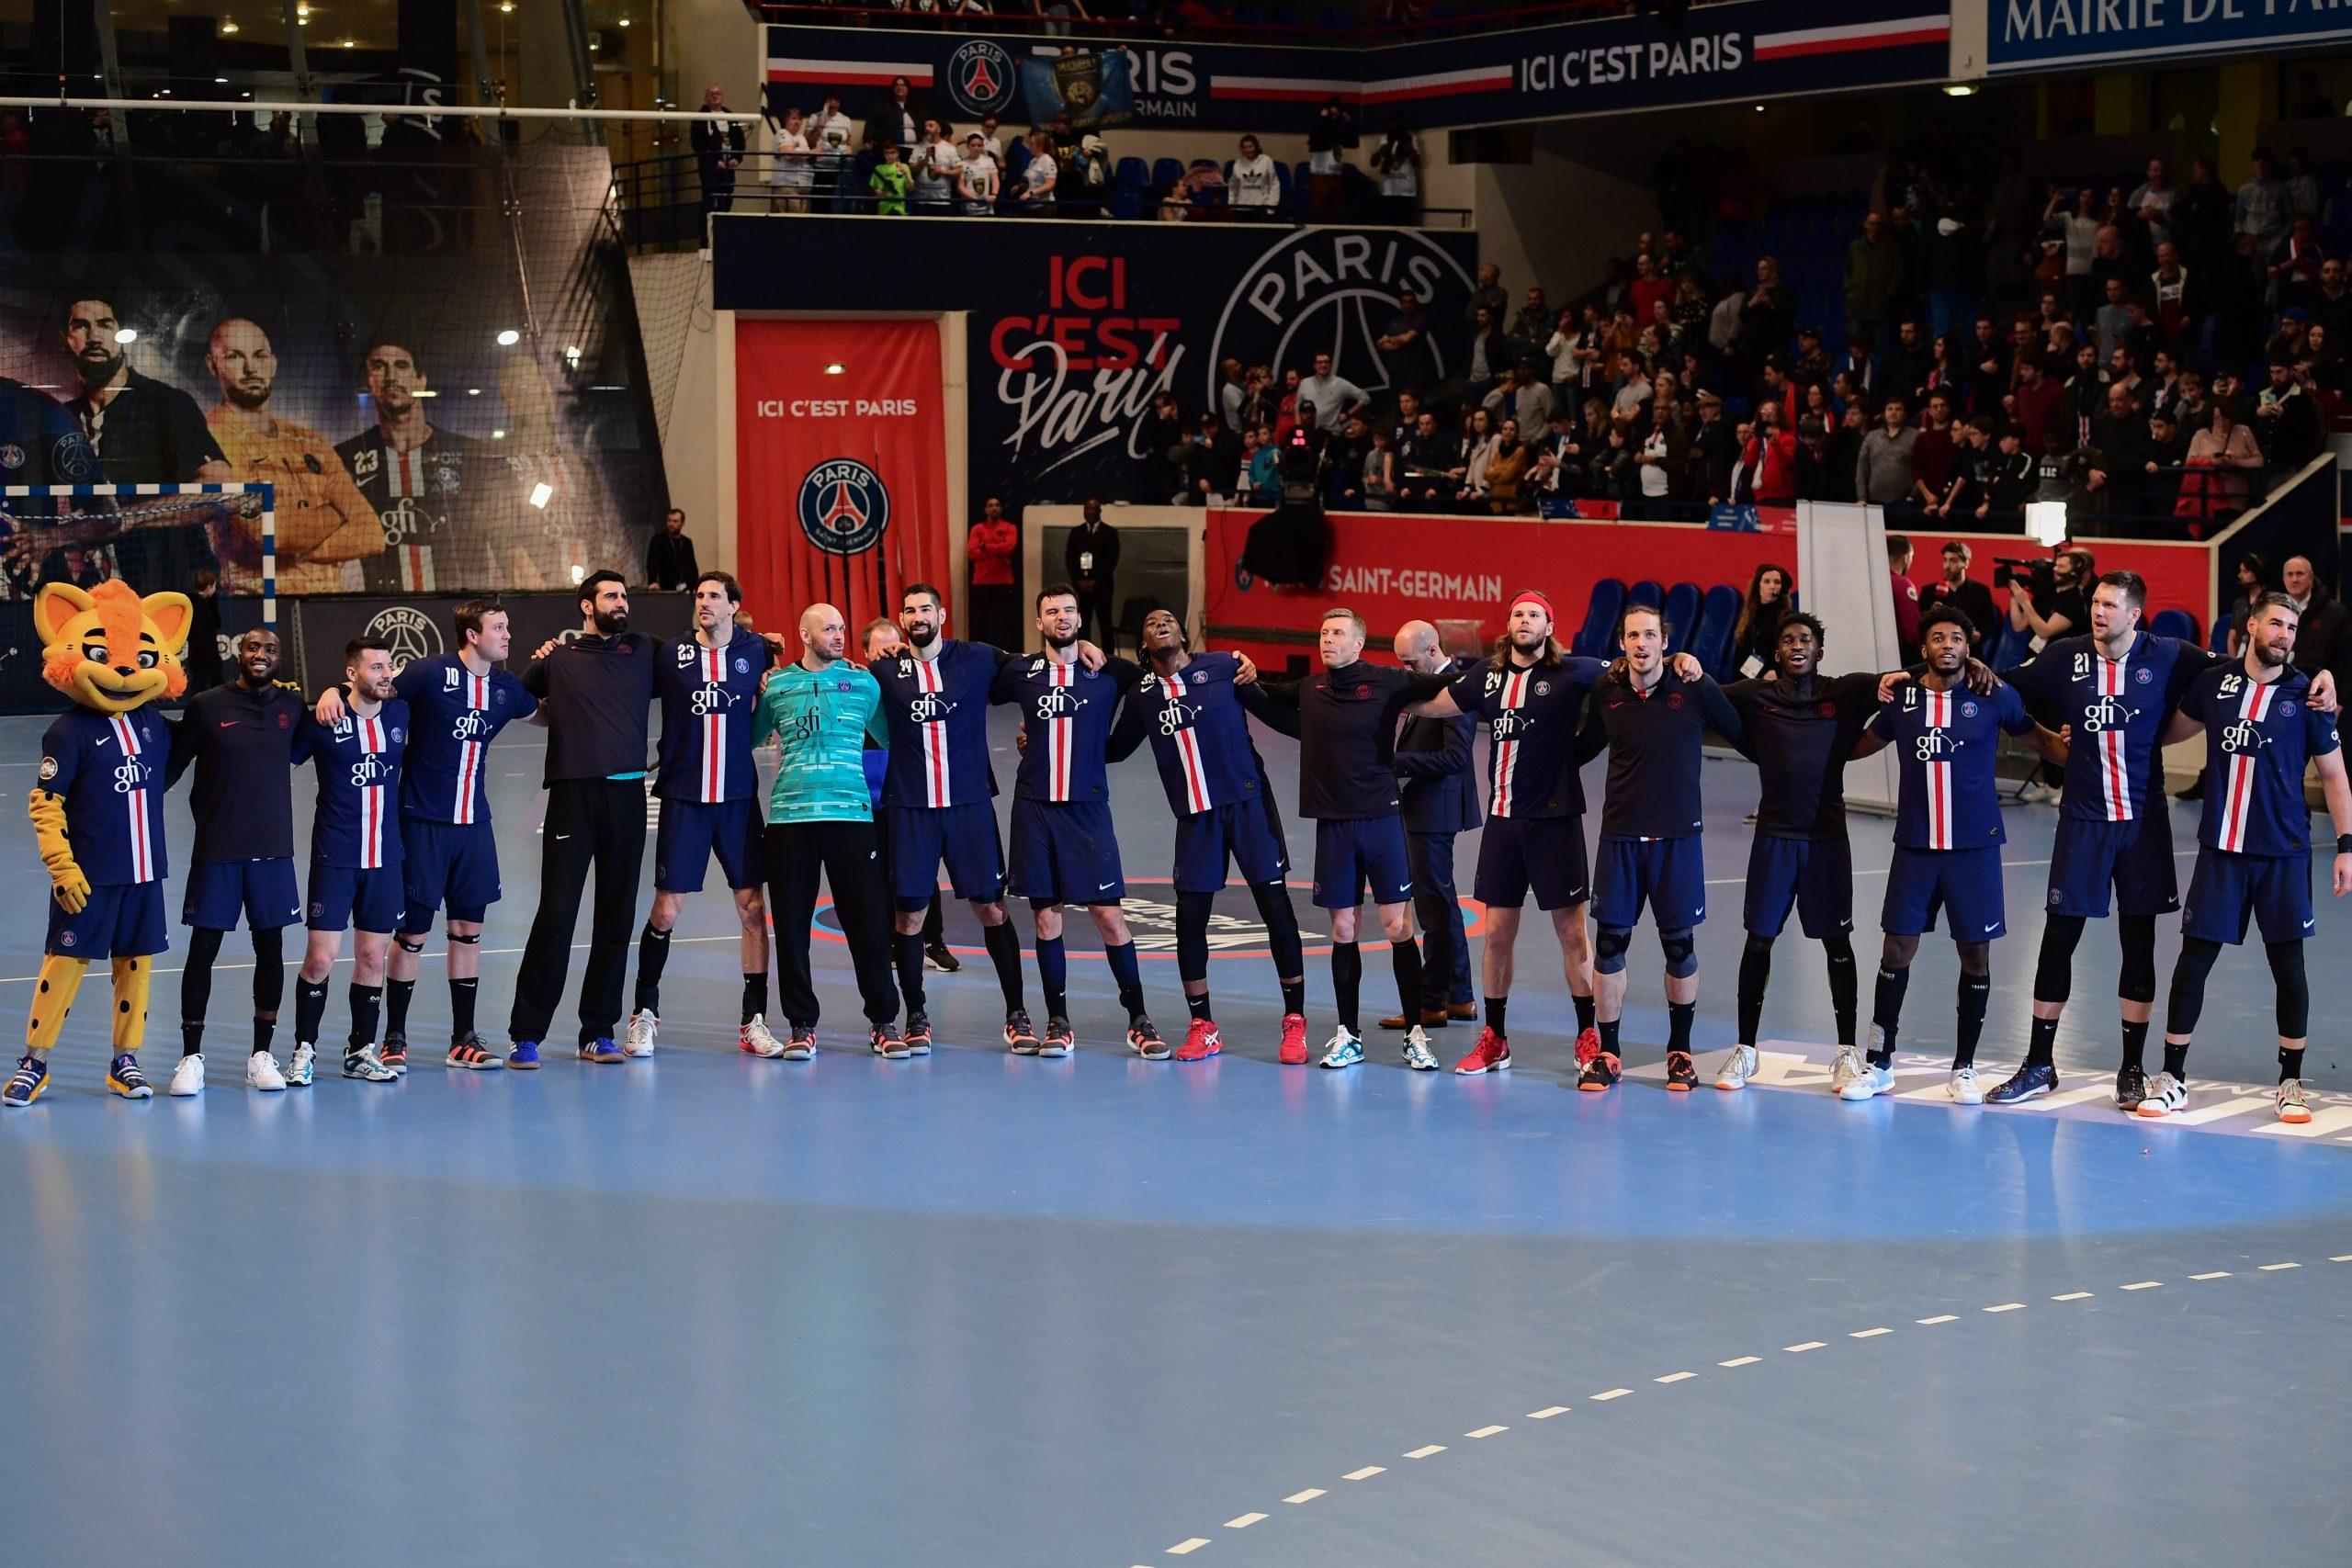 Officiel - Le PSG Handball parmi les 4 clubs qualifiés pour le Final Four de la Ligue des Champions